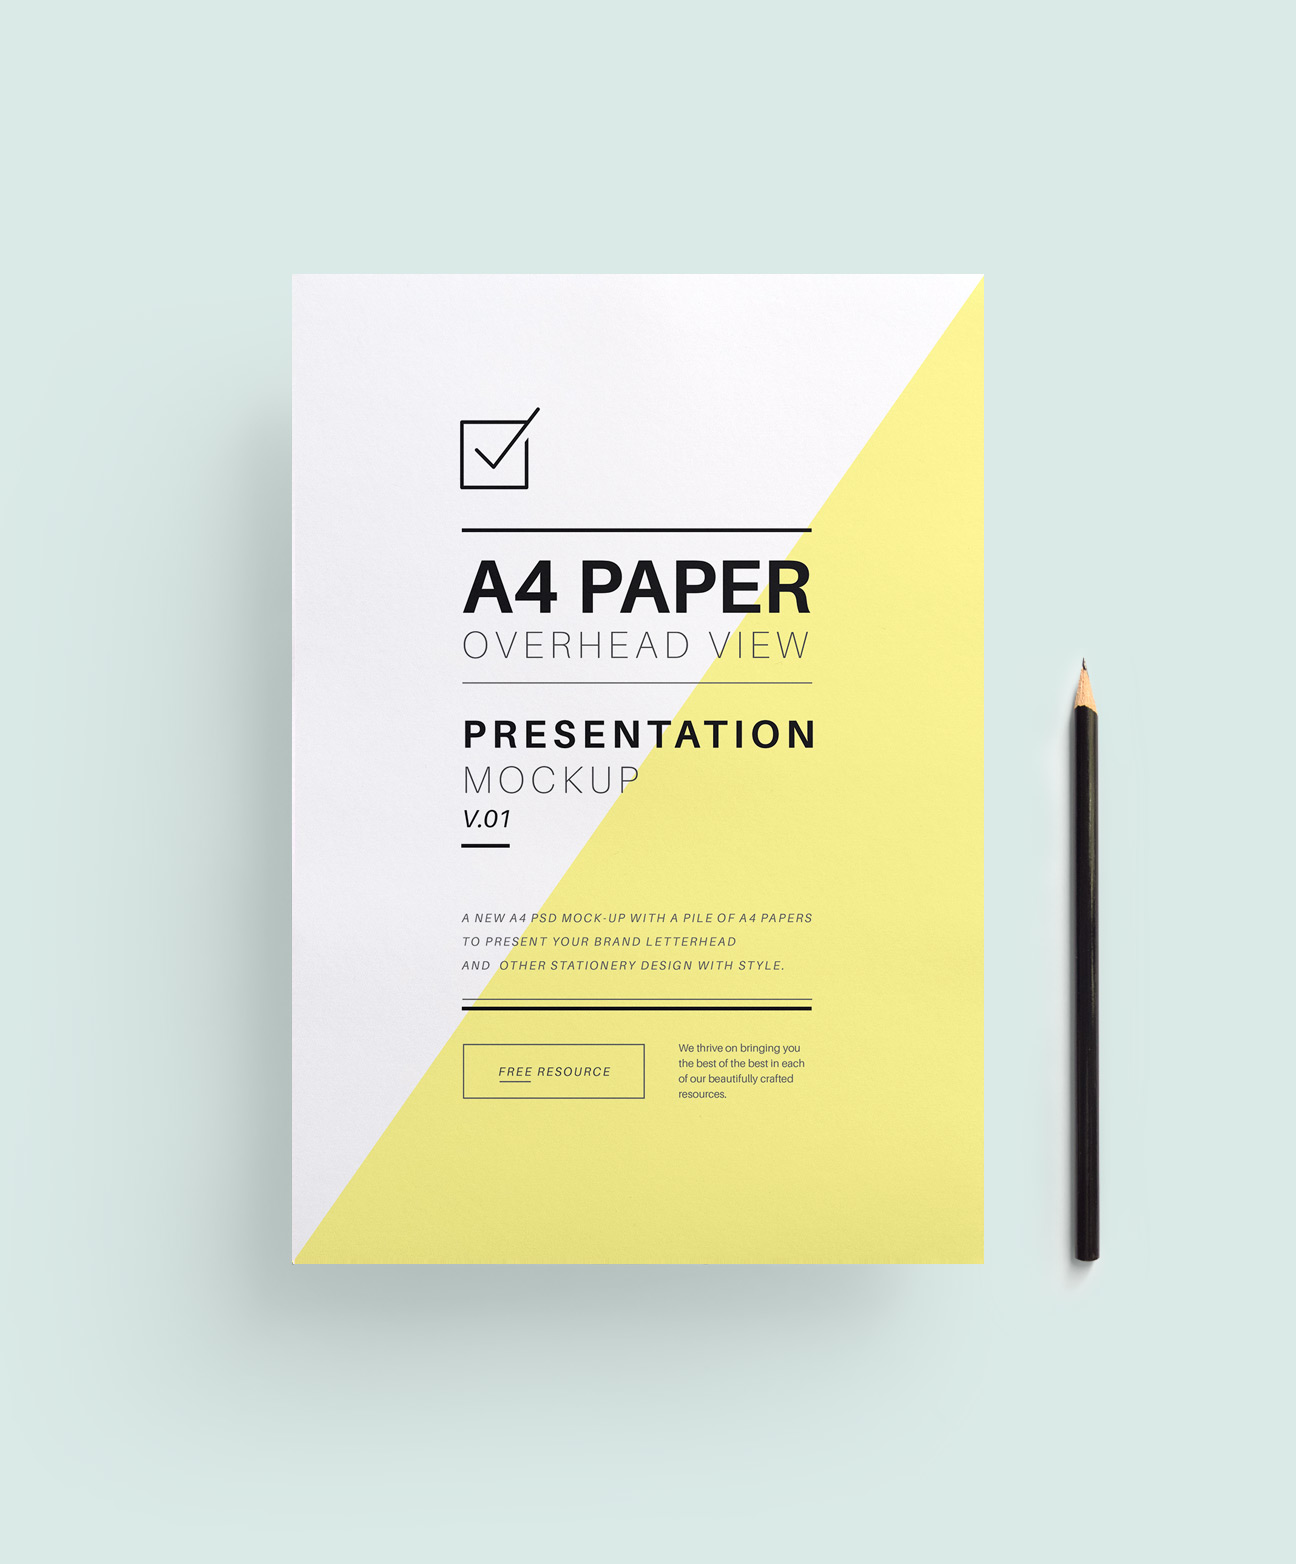 a4papper